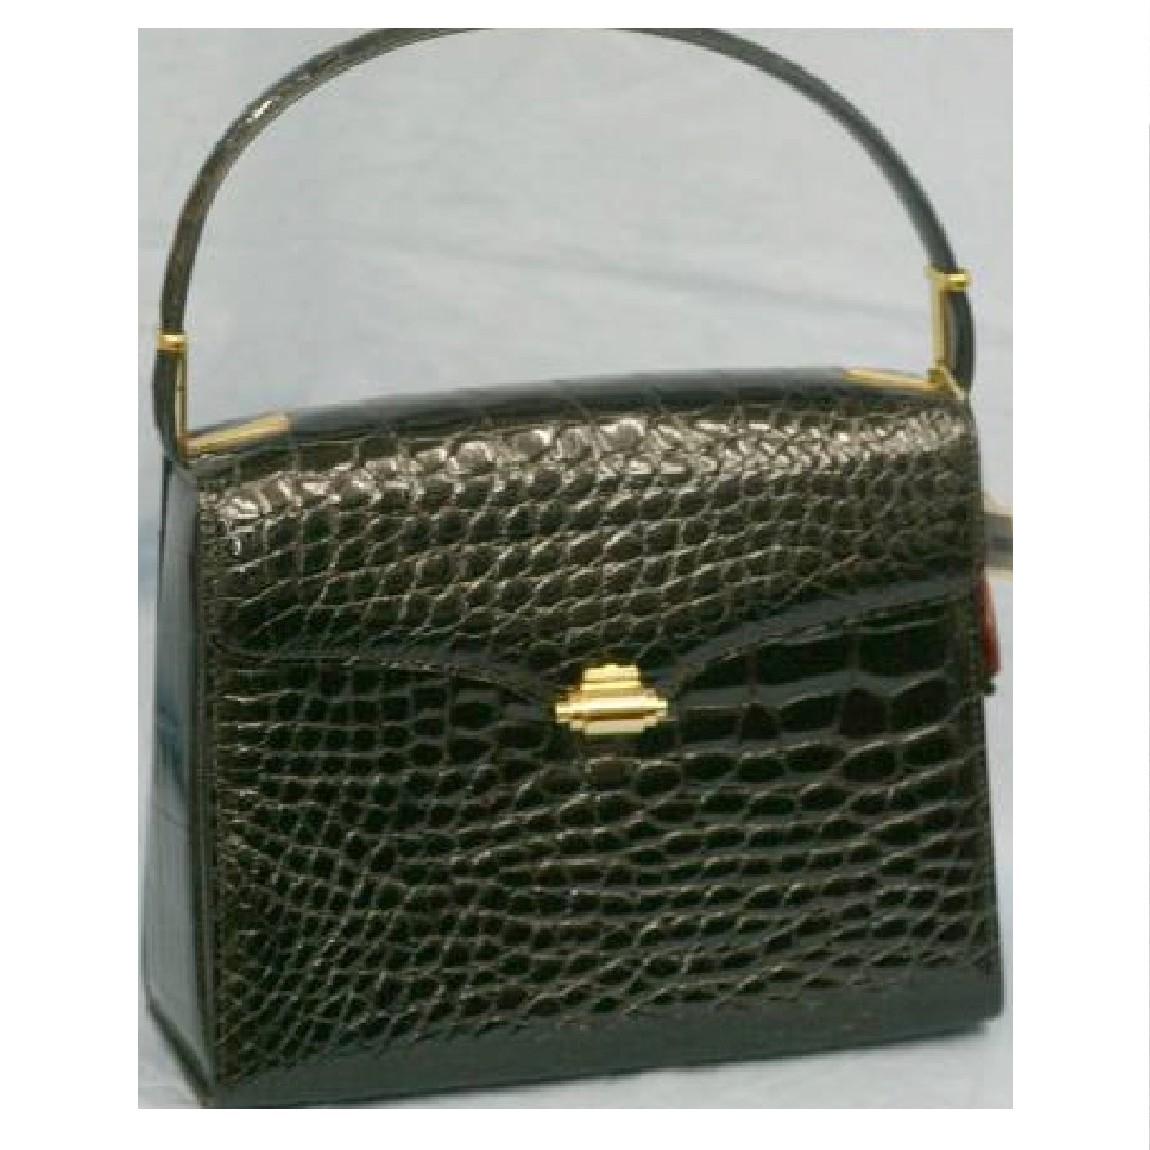 【中古】本物新品JRA298000円【ワニ】アリゲーター素材の黒い23,5センチバッグ